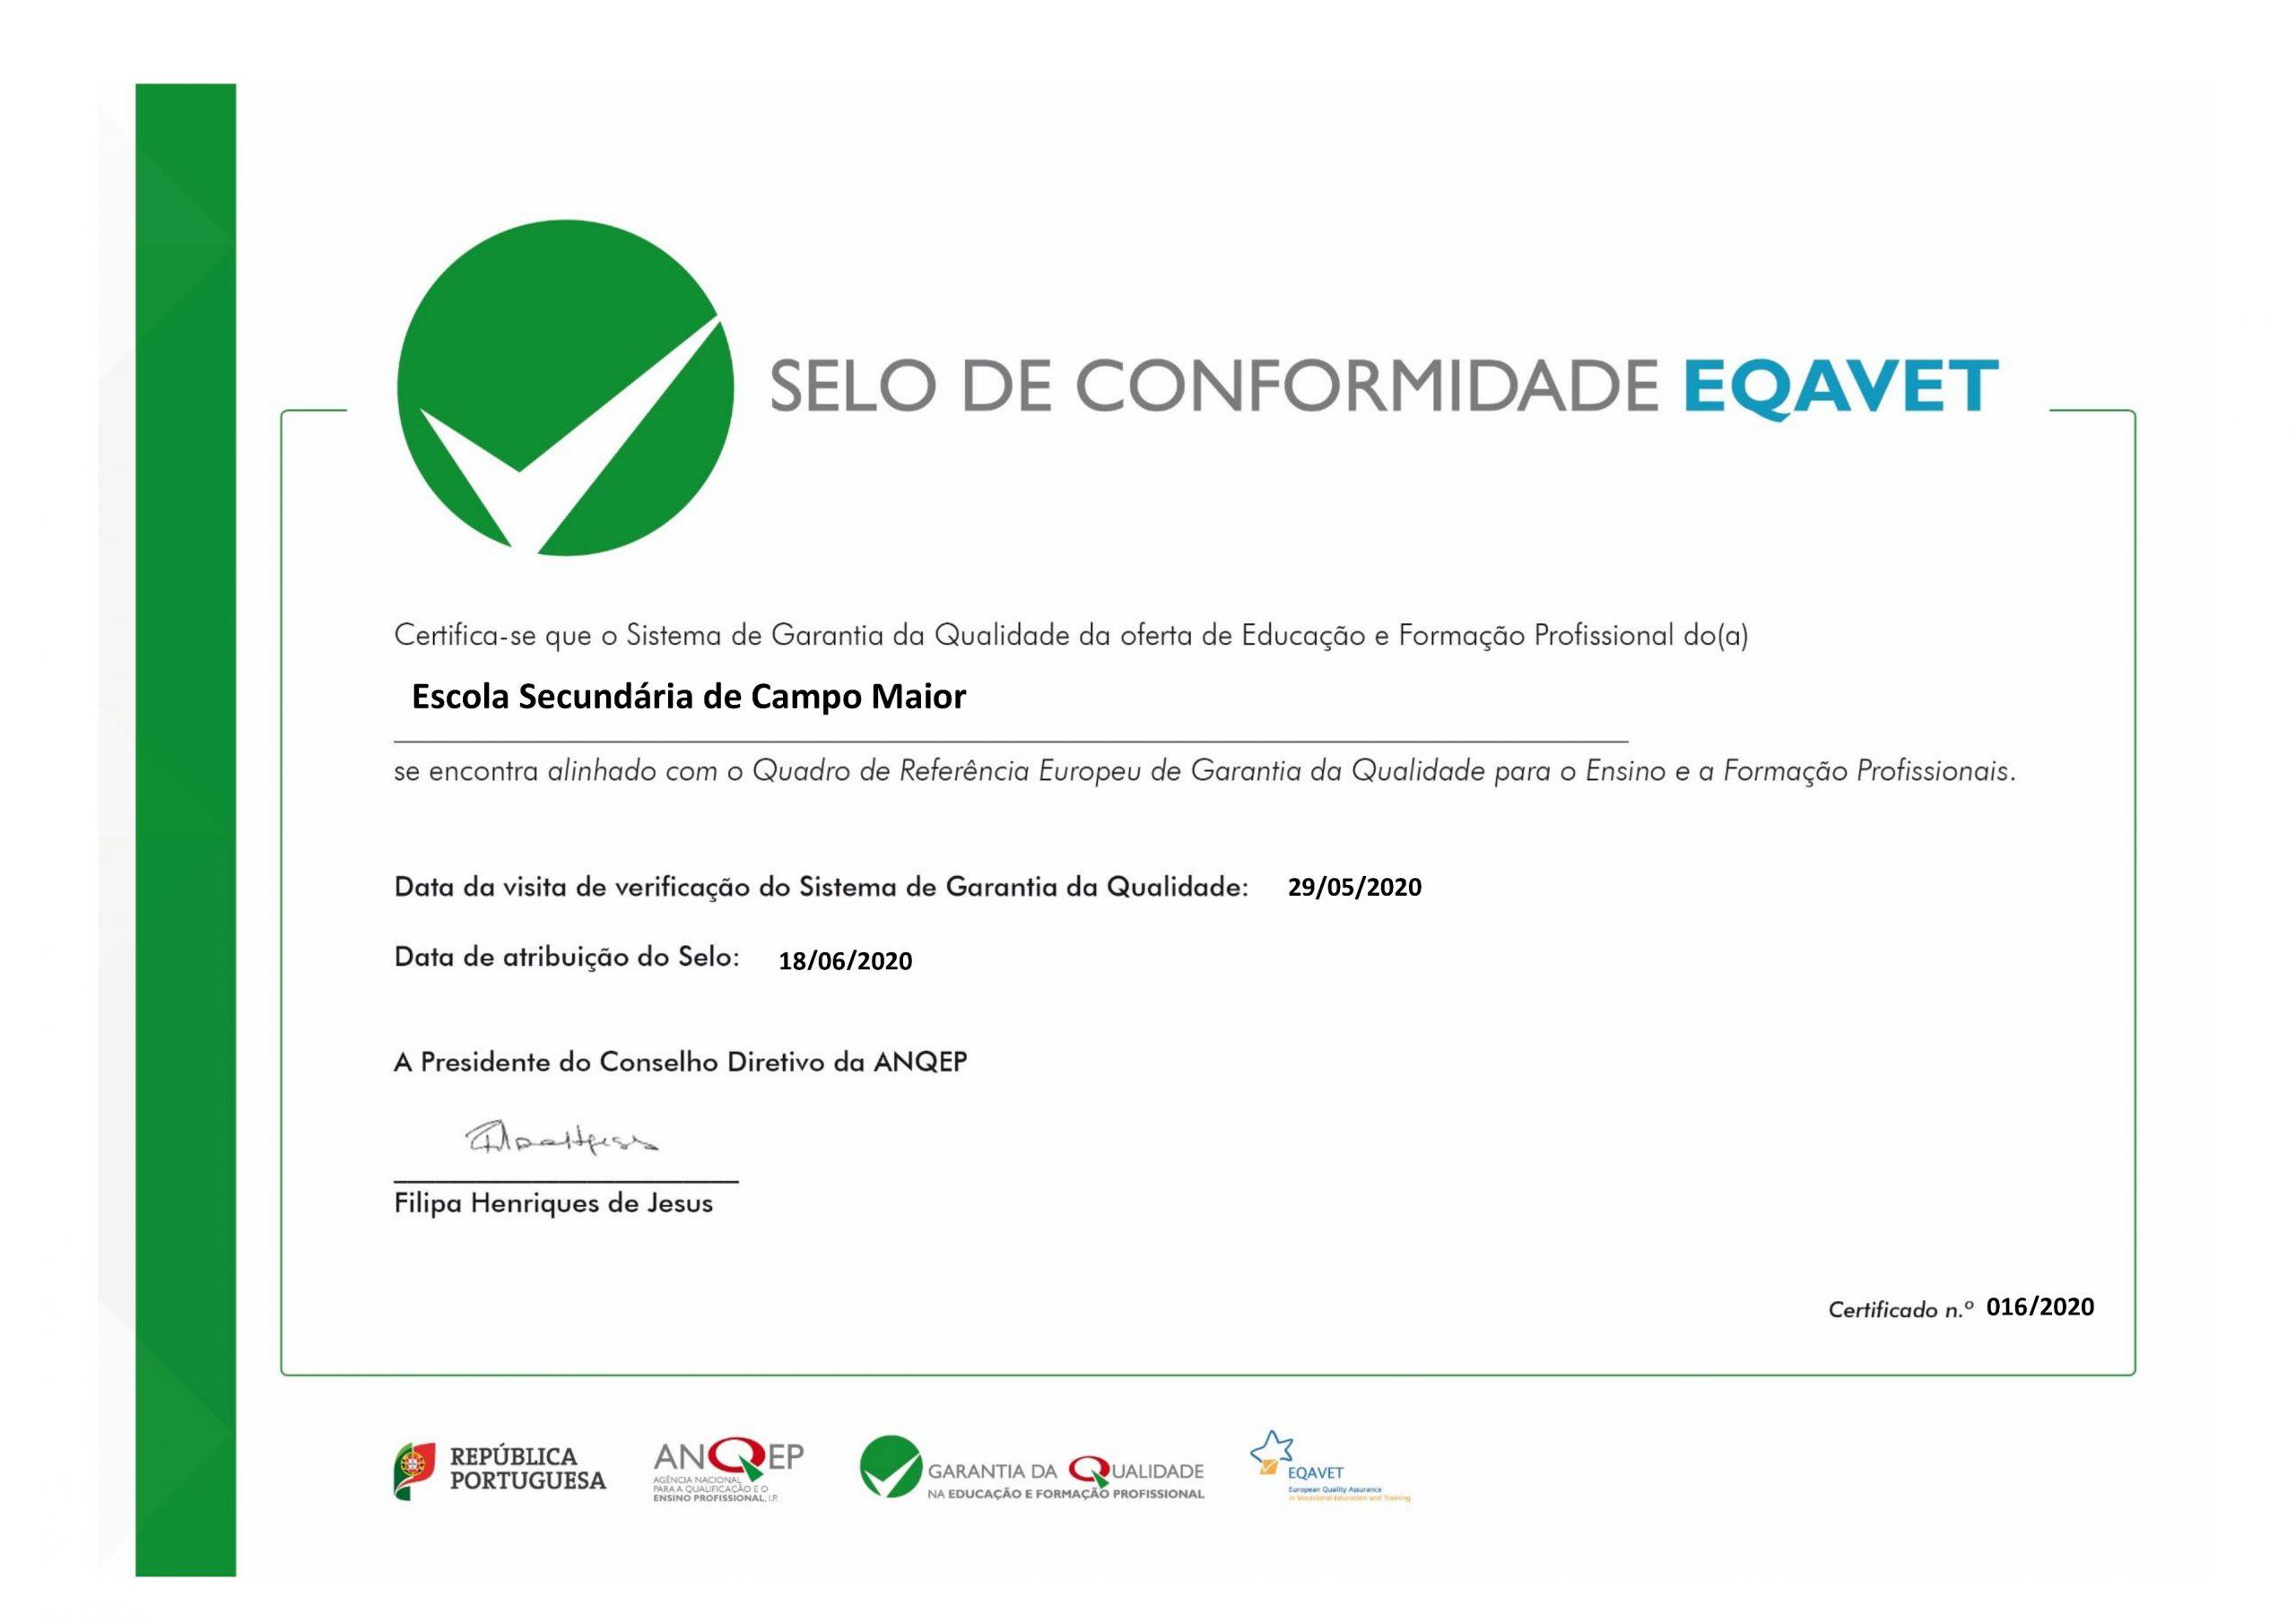 ES de Campo Maior reconhecida com o Selo de Conformidade EQAVET